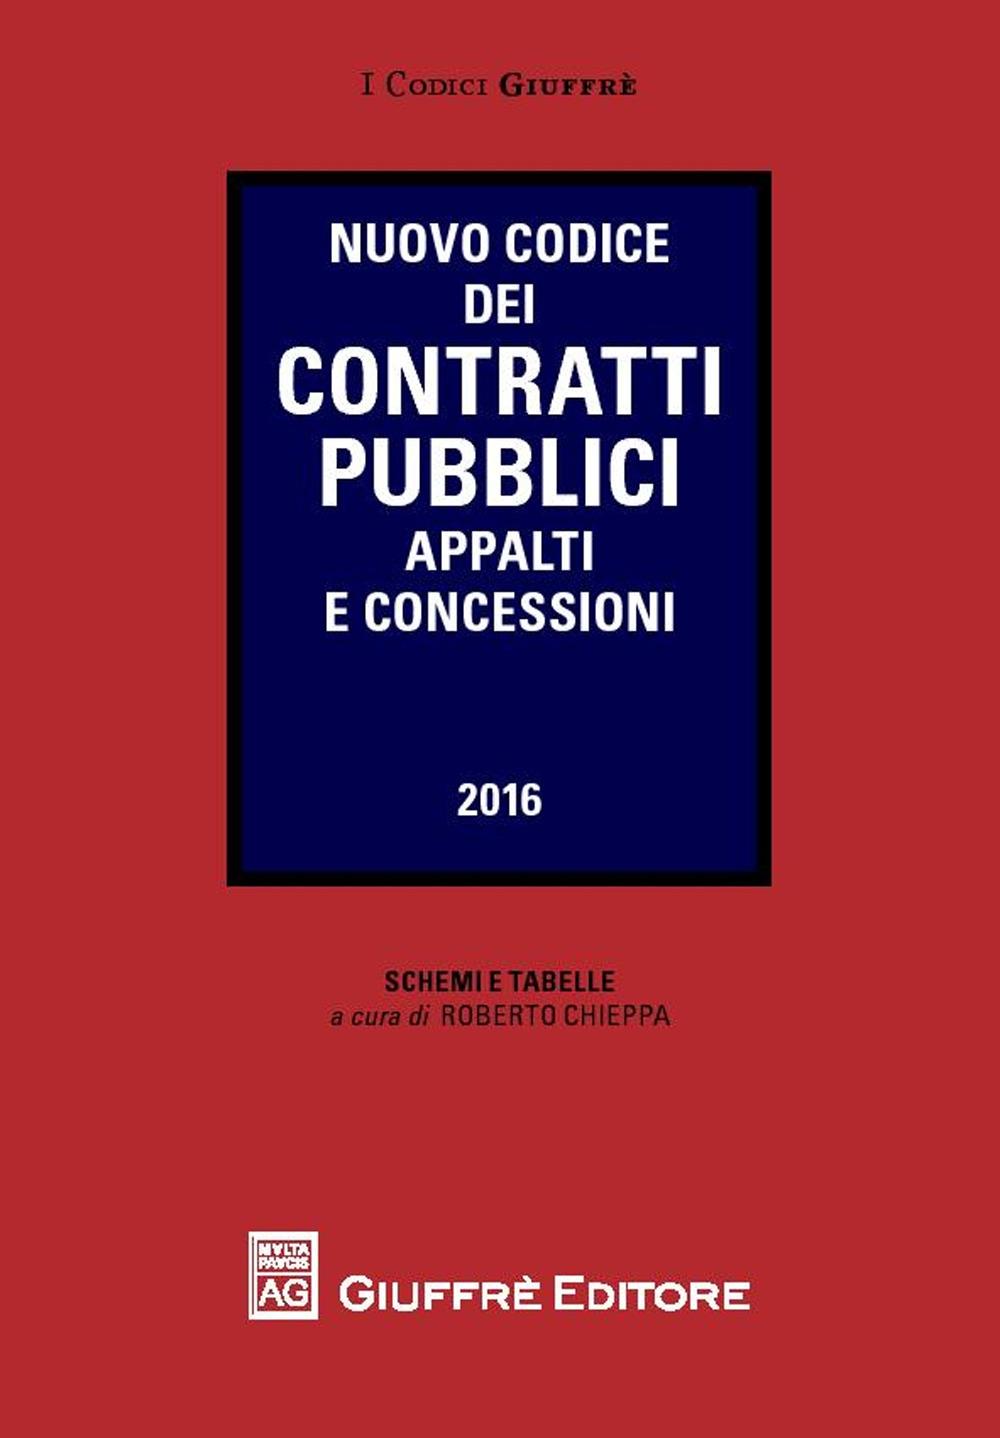 Nuovo codice degli appalti pubblici.